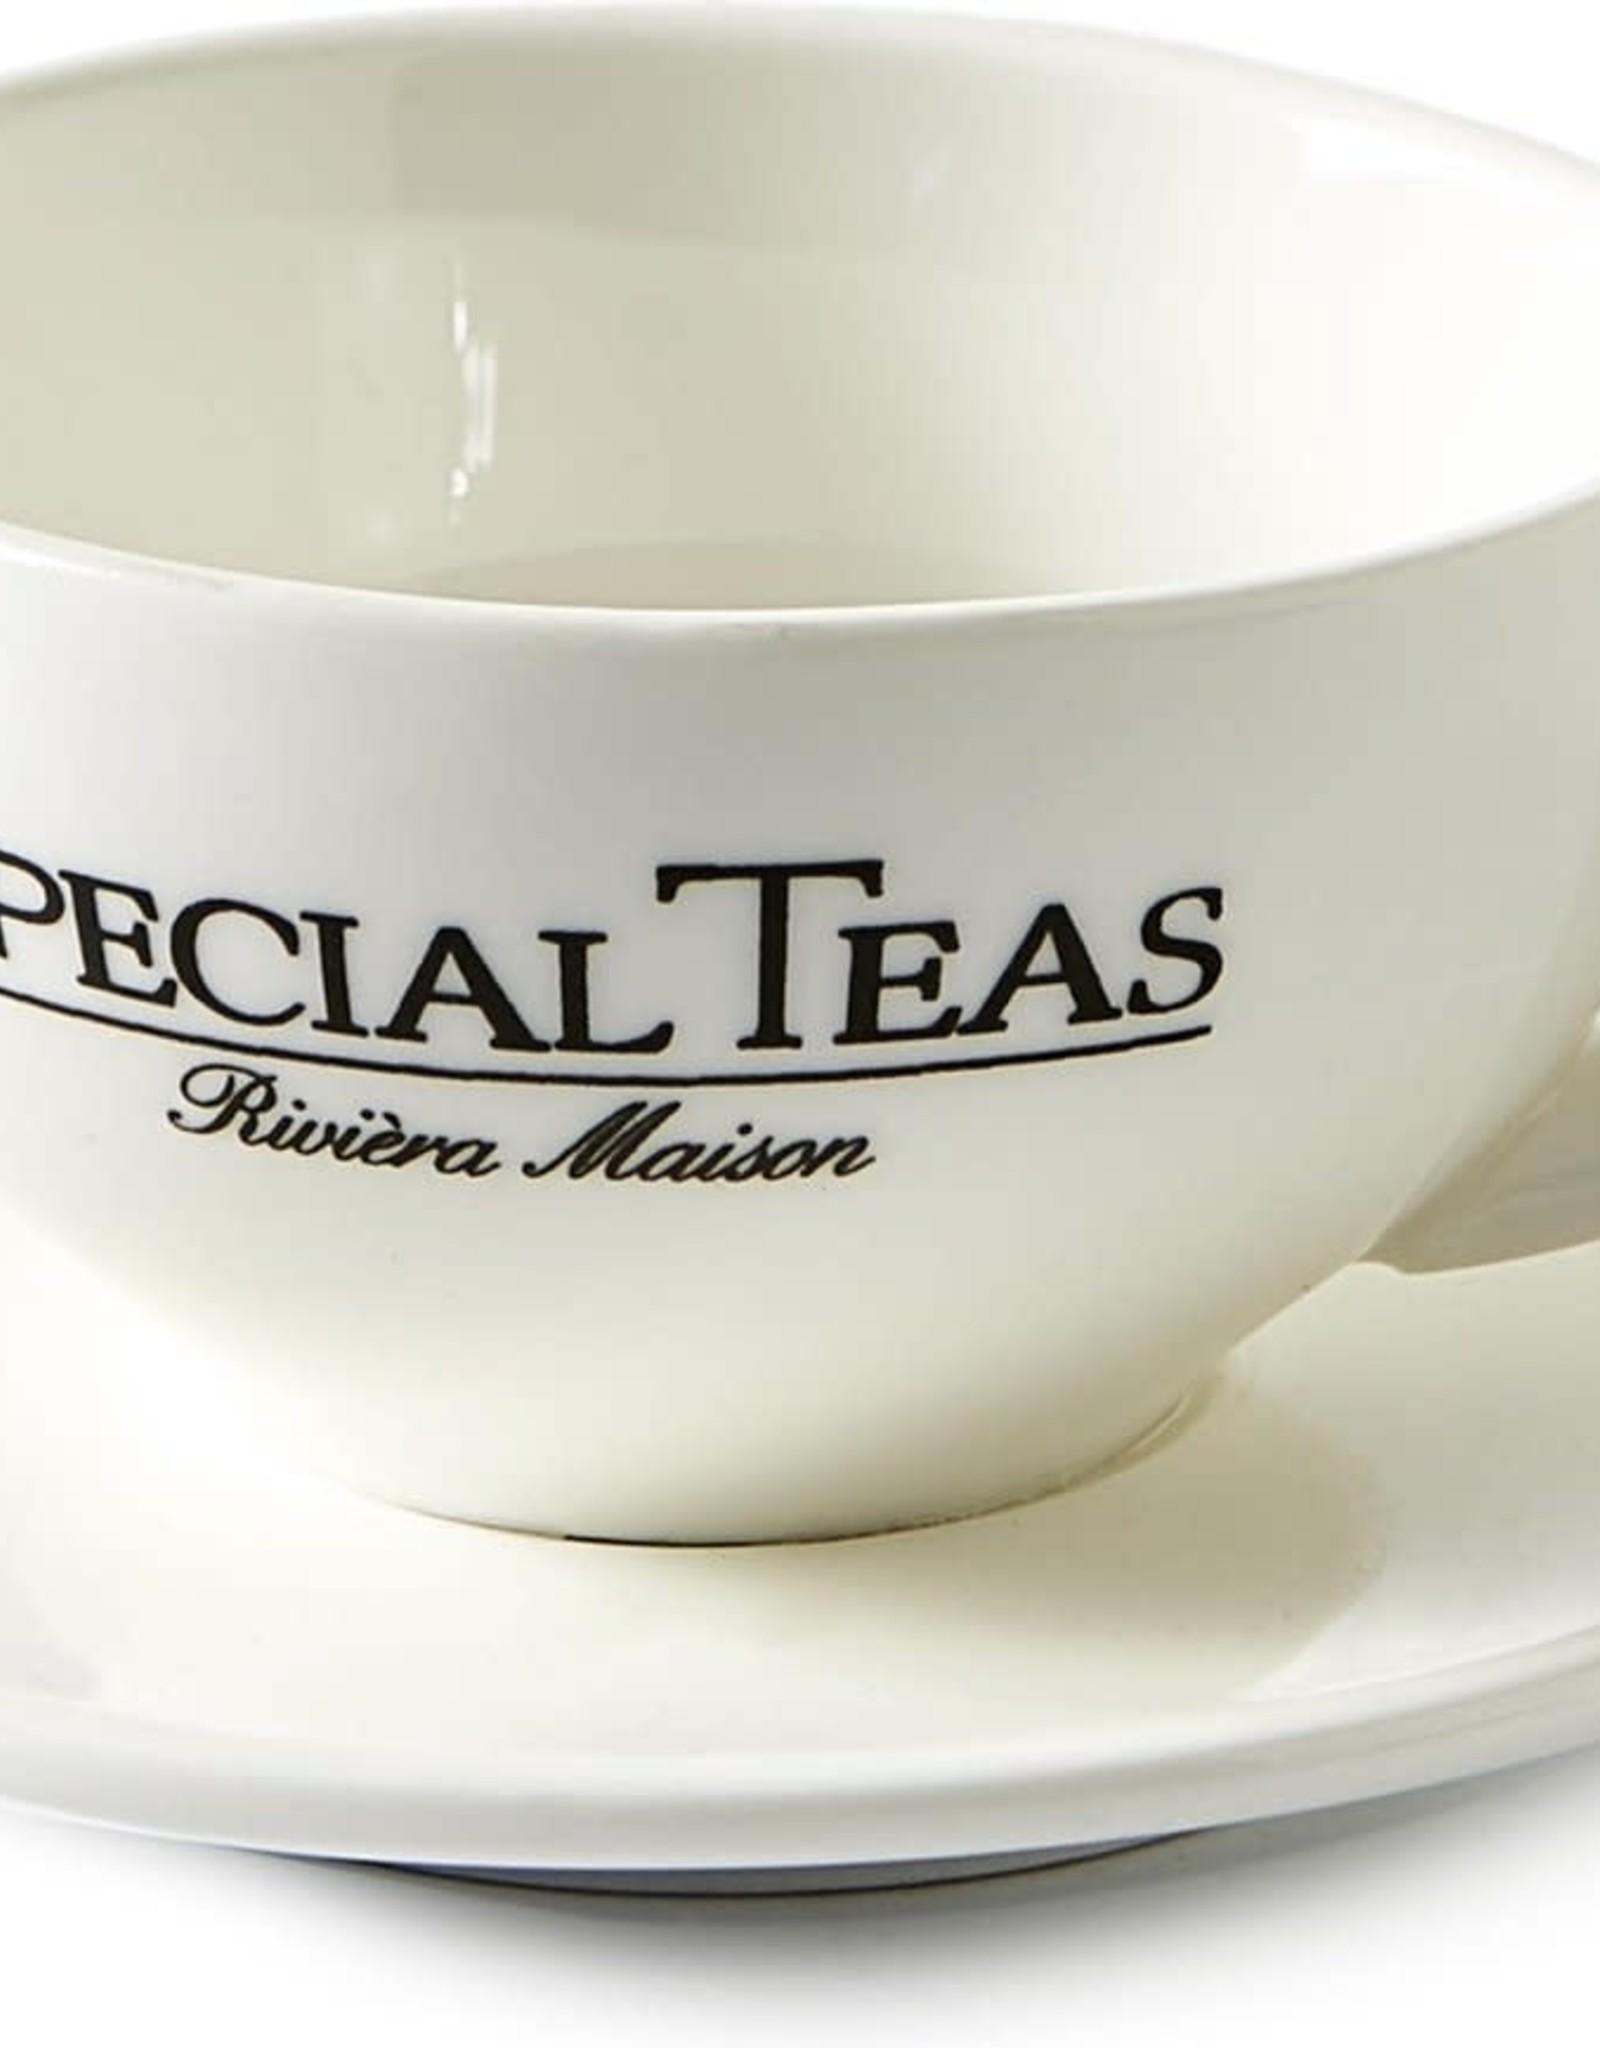 Rivièra Maison Special Teas Teabag Holder